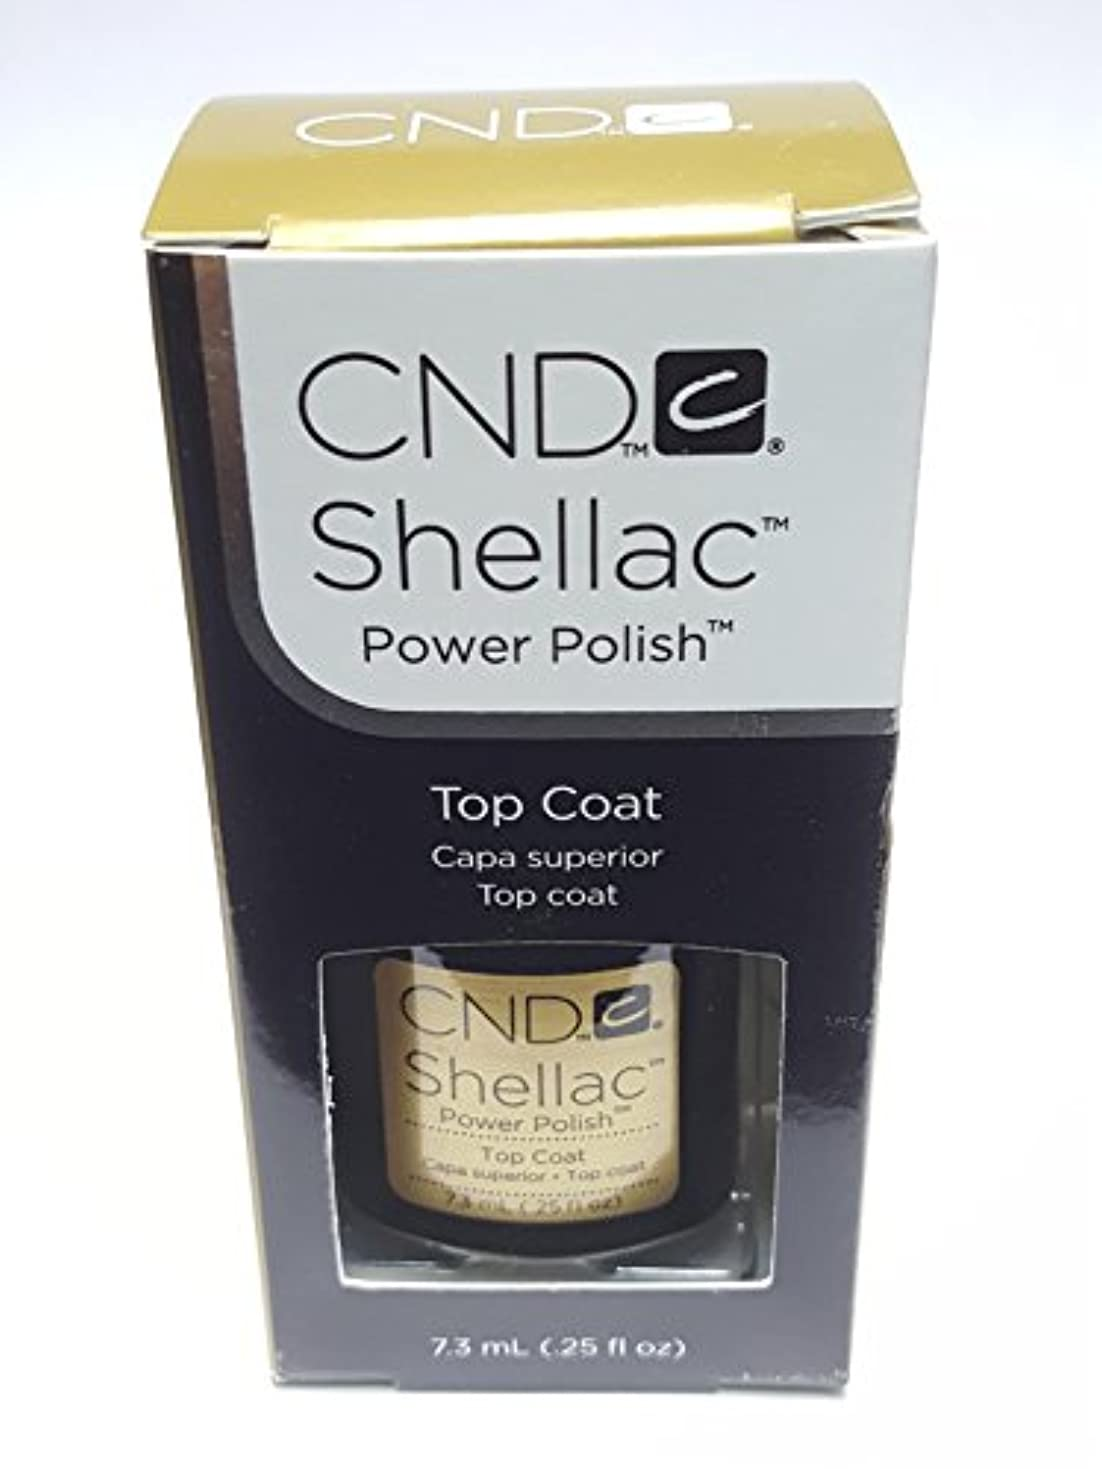 こする艦隊荒野CND シーエヌディー shellac シェラック パワーポリッシュ UVトップコート 7.3ml 炭酸泉タブレット1個付き